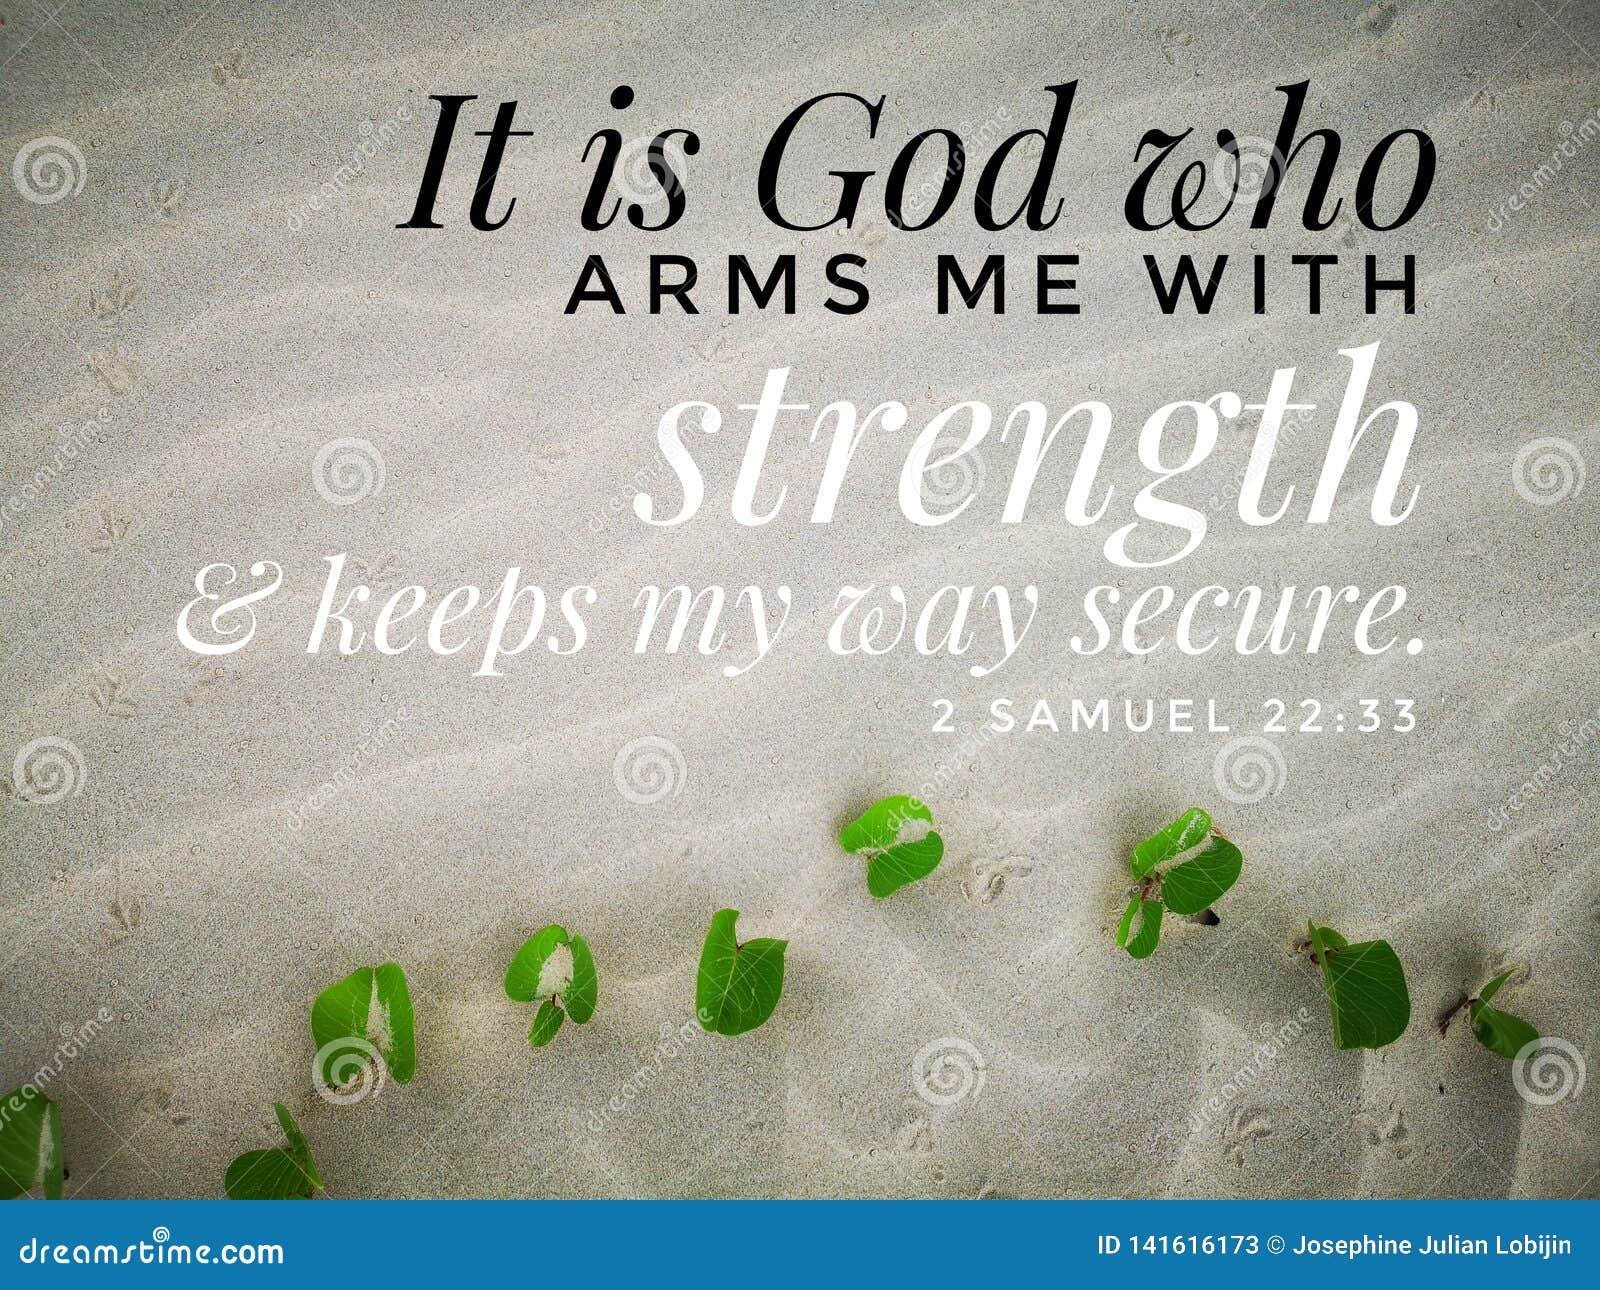 Gott gibt mir Stärke mit Bibelversentwurf für Christentum mit Hintergrund des sandigen Strandes